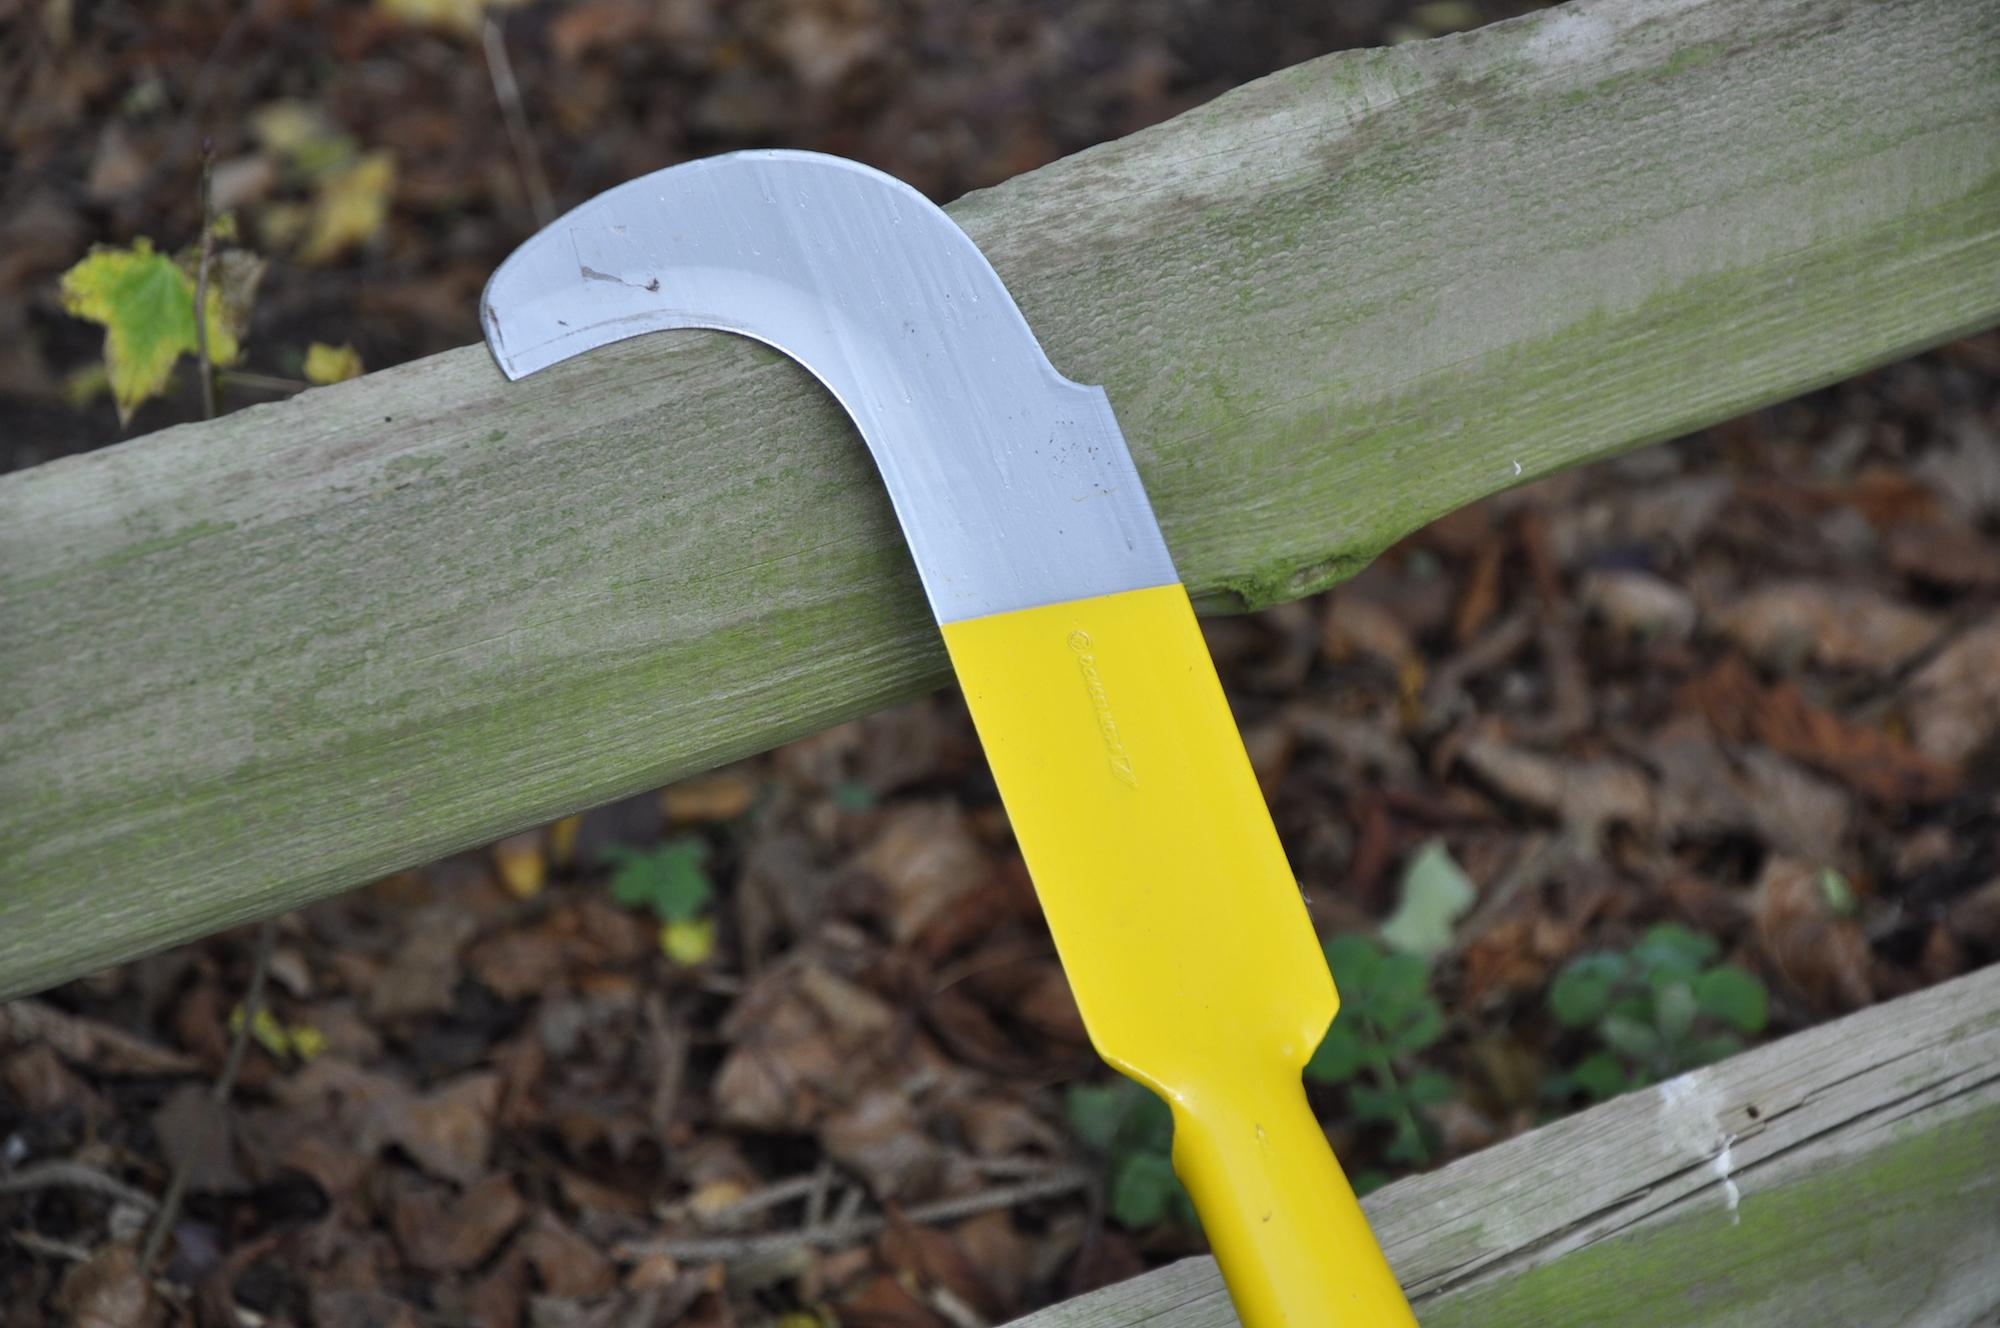 Das enorme Eisenstück, ideal zum Bearbeiten von Böden und Entfernen von Unkraut.